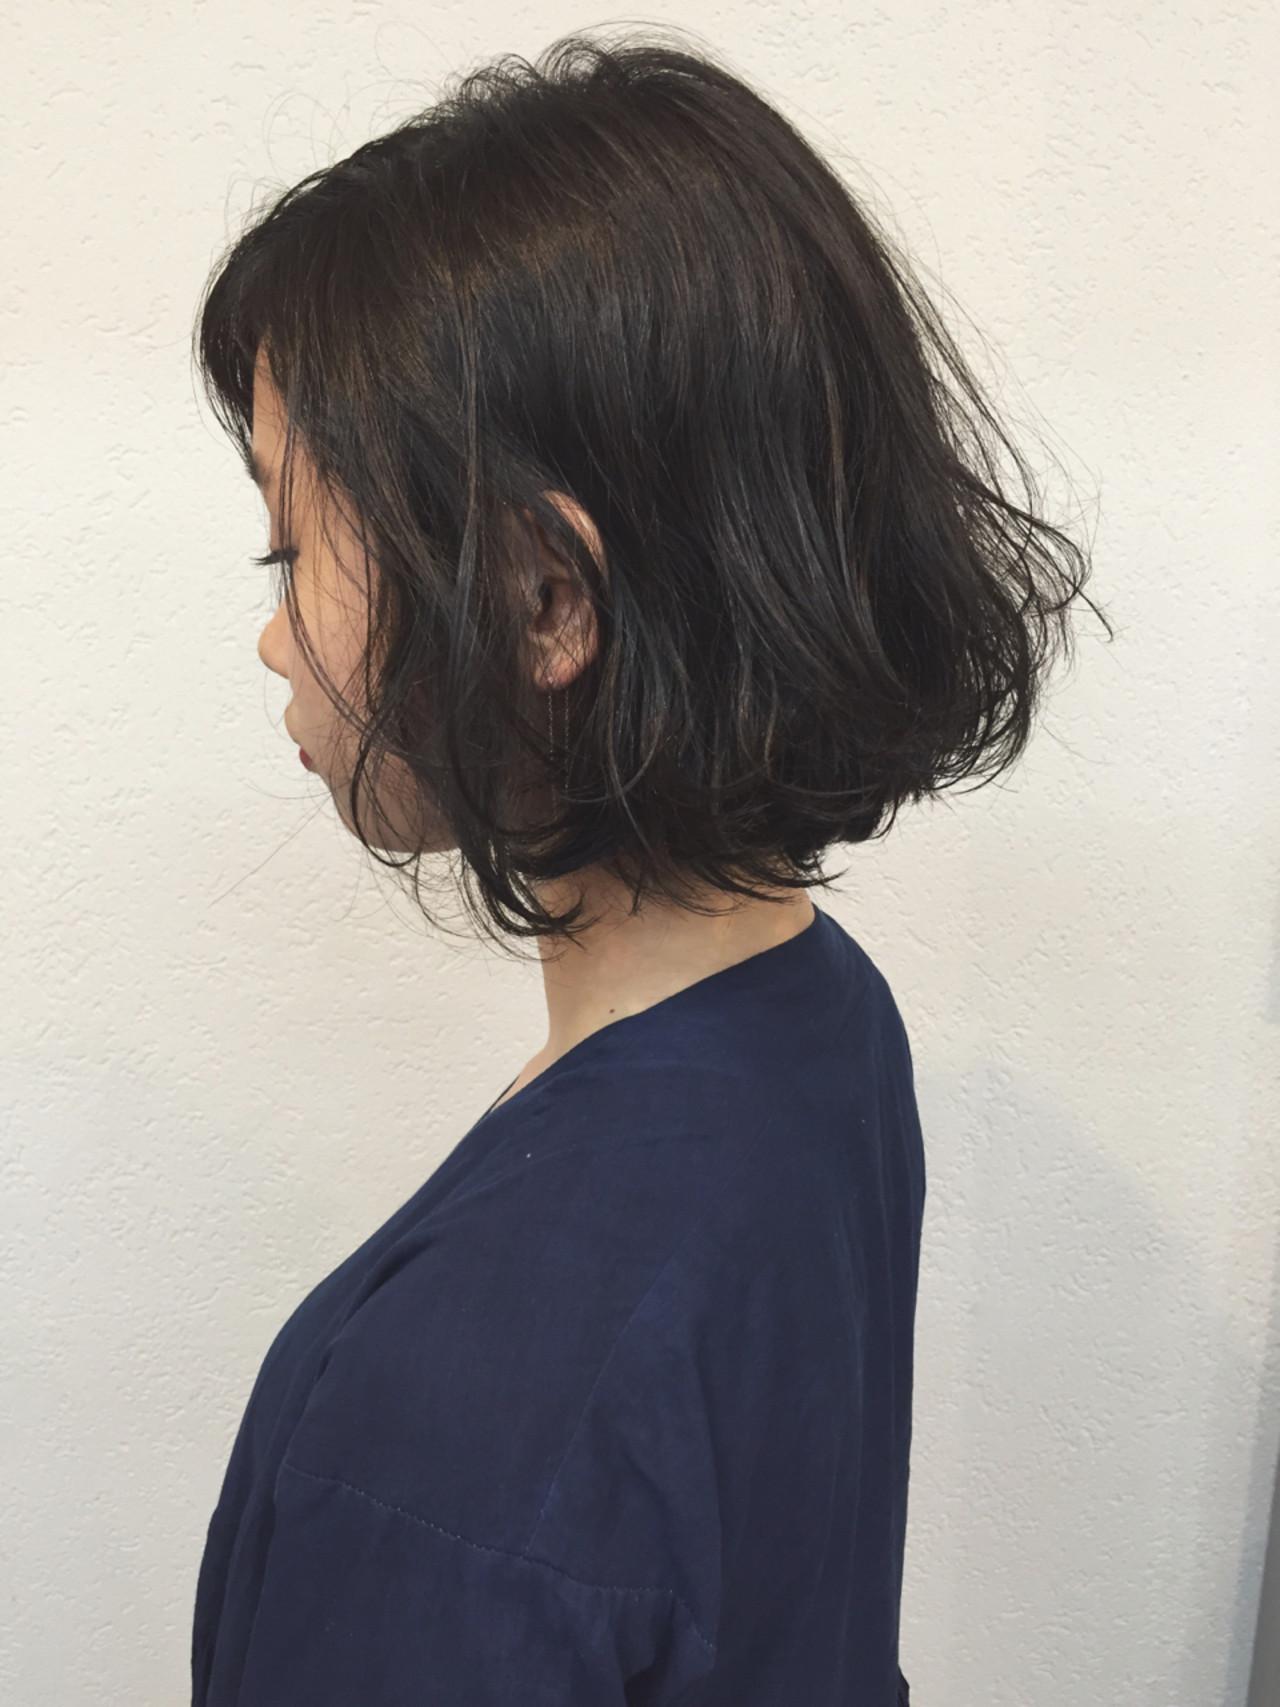 パーマ 色気 ナチュラル ボブ ヘアスタイルや髪型の写真・画像 | OYAMA KENICHI / BALLOON HAIR